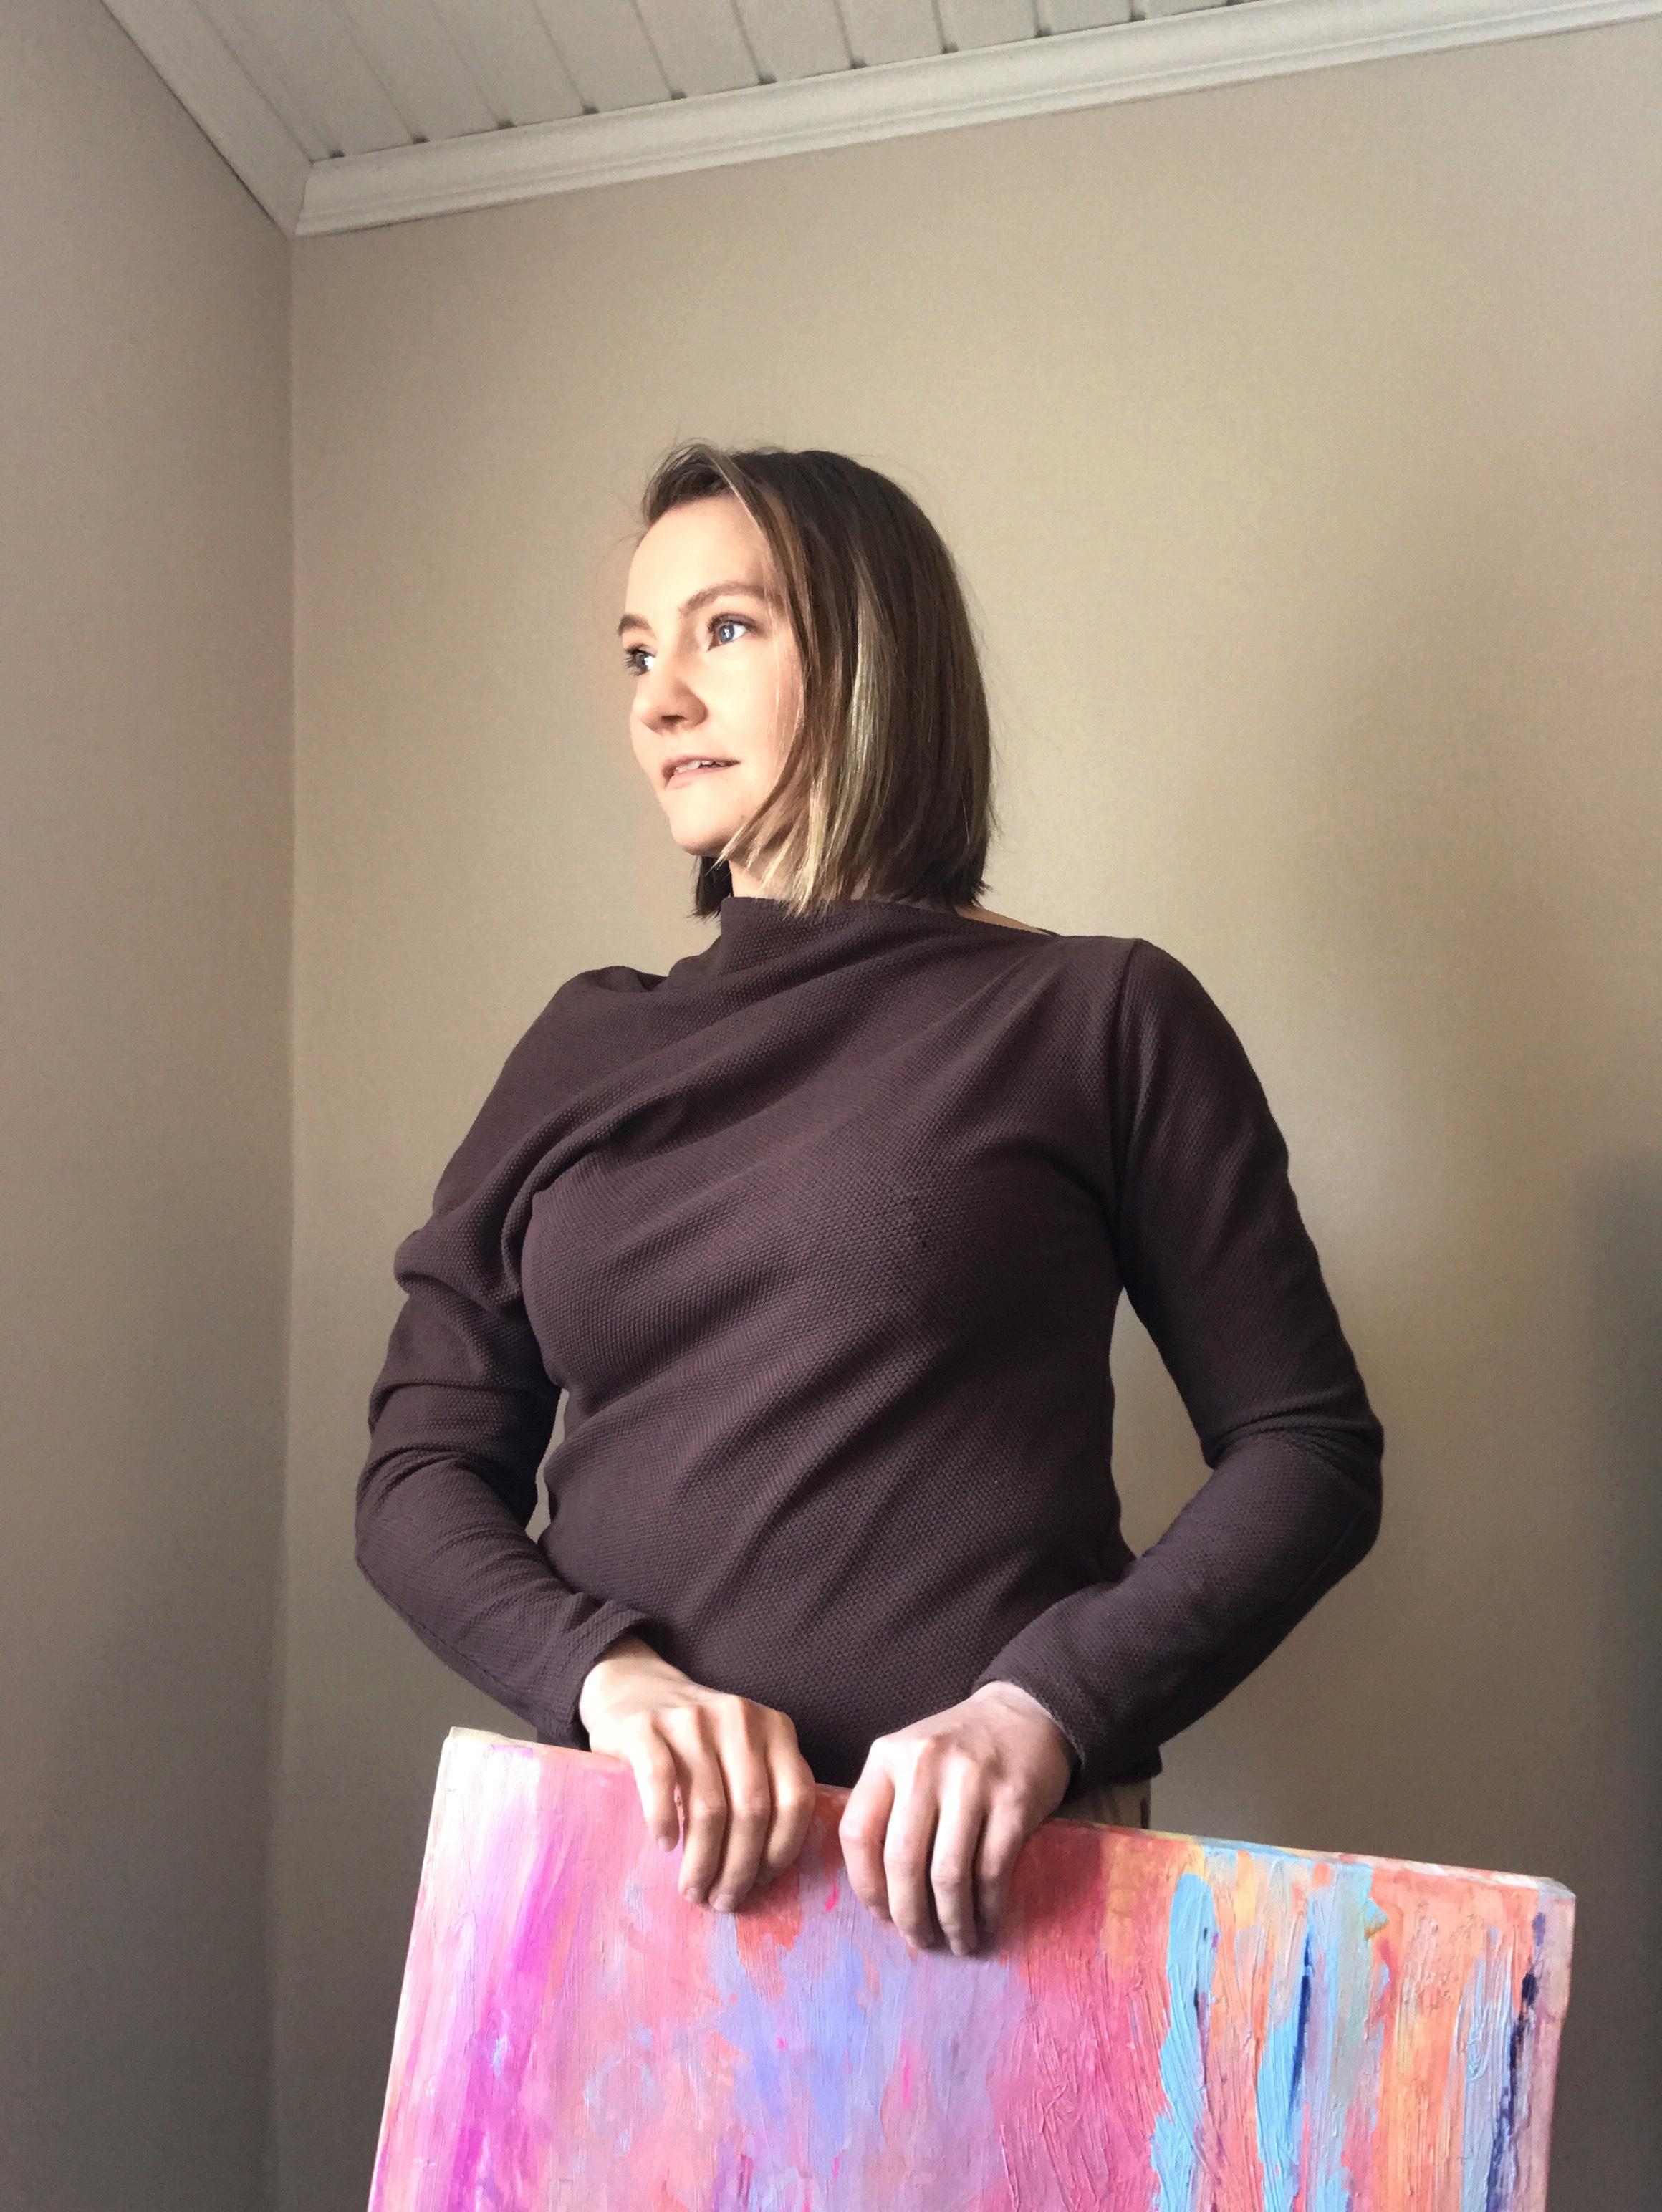 MUKA VA: Asento-paita, kaakaonruskea Dots-struktuuripintainen neulos, ALE